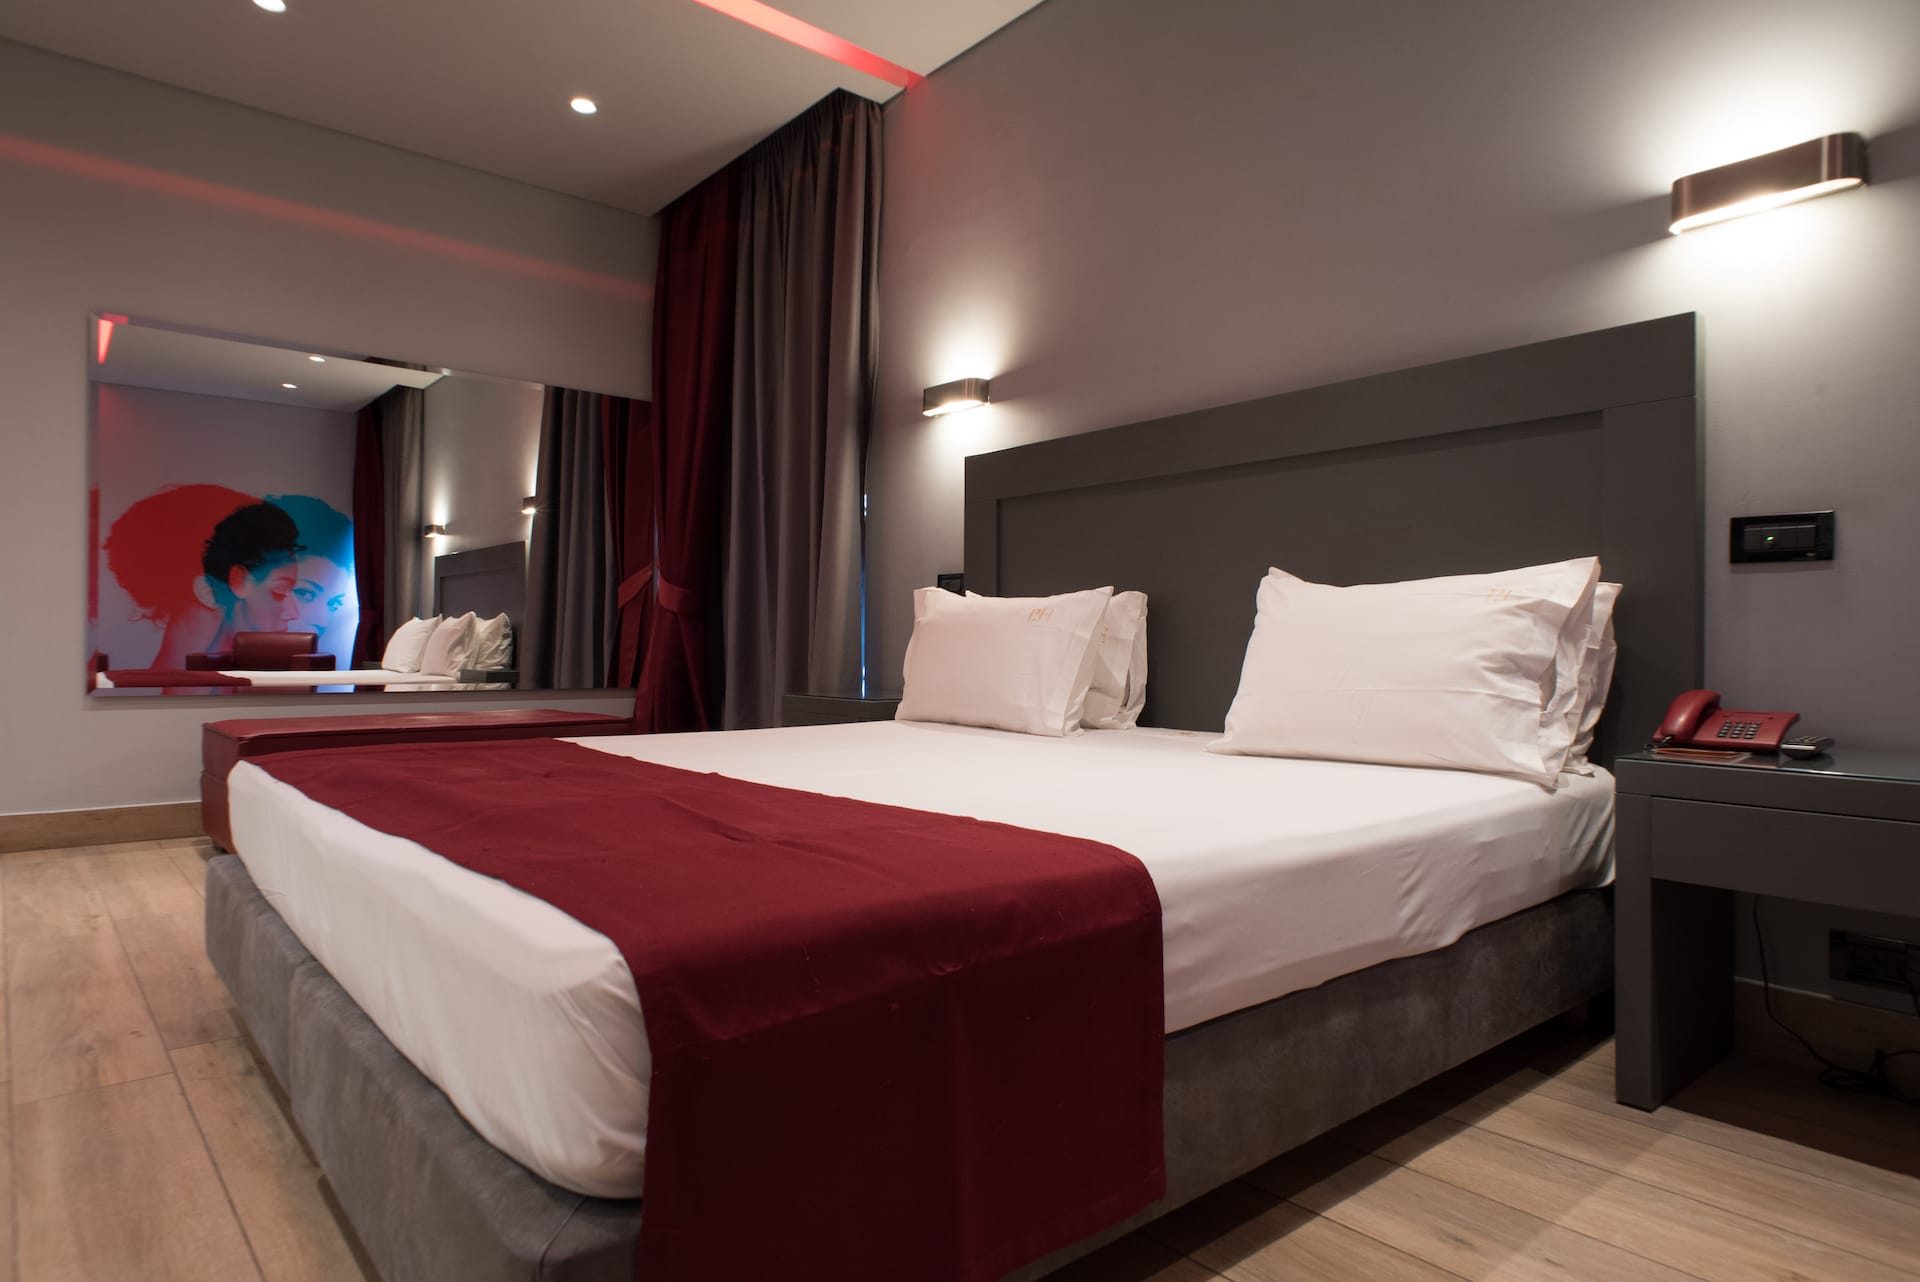 Σουίτες στο Pines Hotel. Ξενοδοχείο ημιδιαμονής στα Βόρεια Προάστια. €58 η ημιδιαμονή.